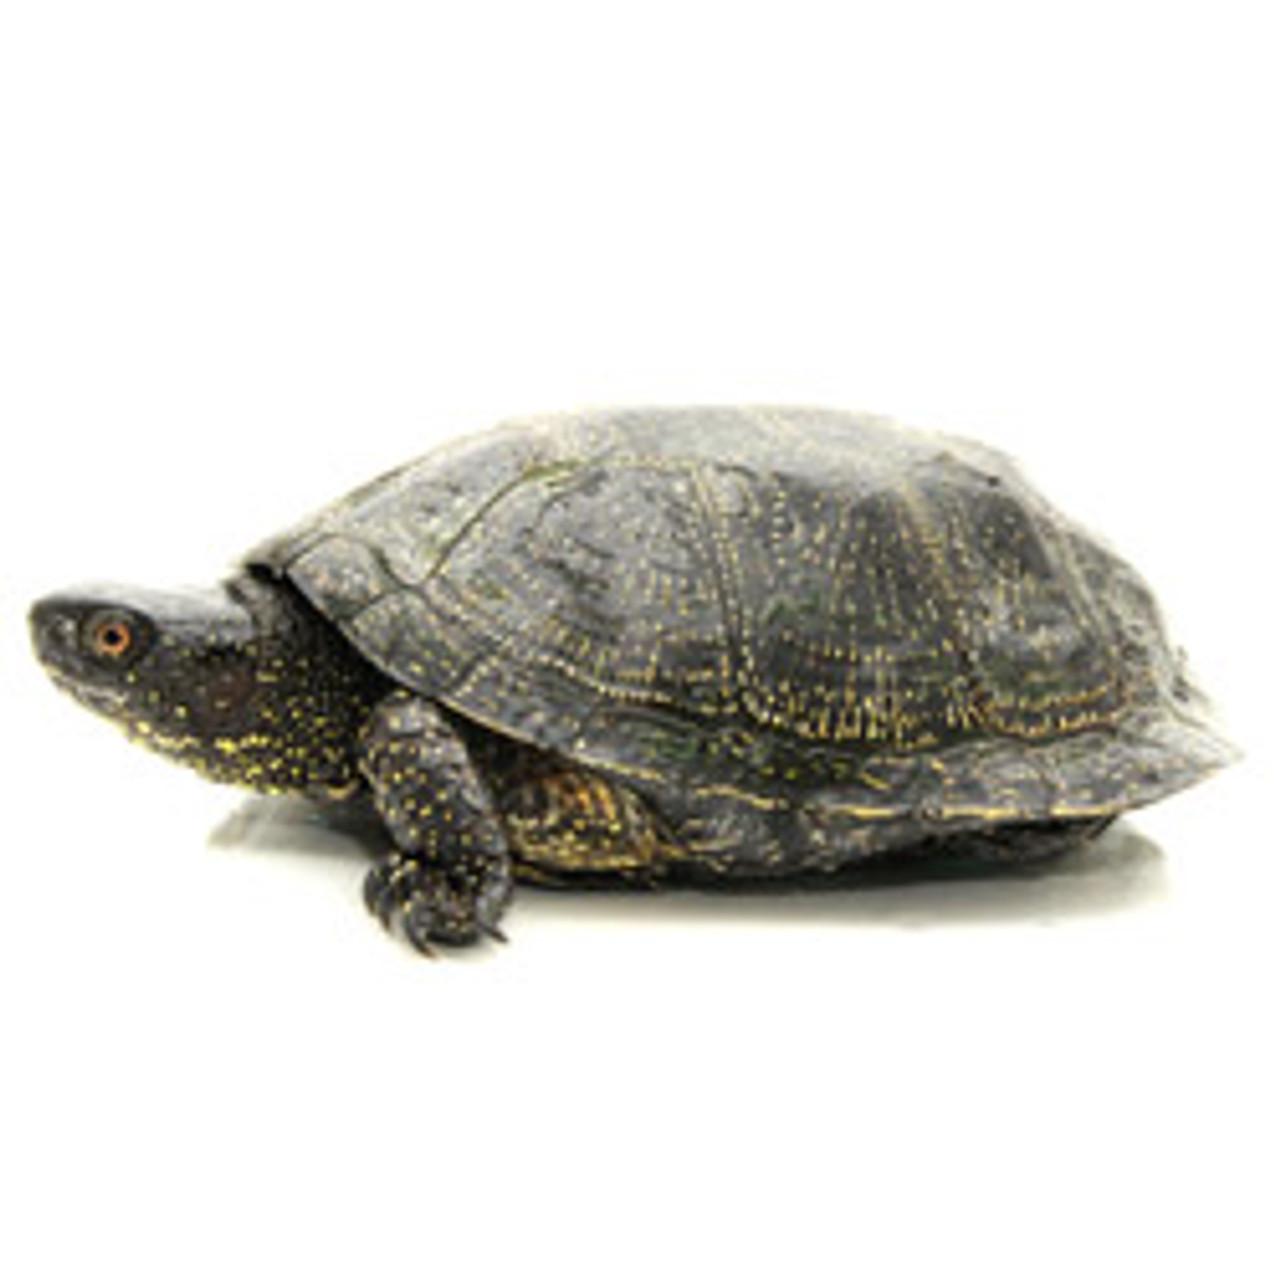 European Pond Turtle (Sub Adult)